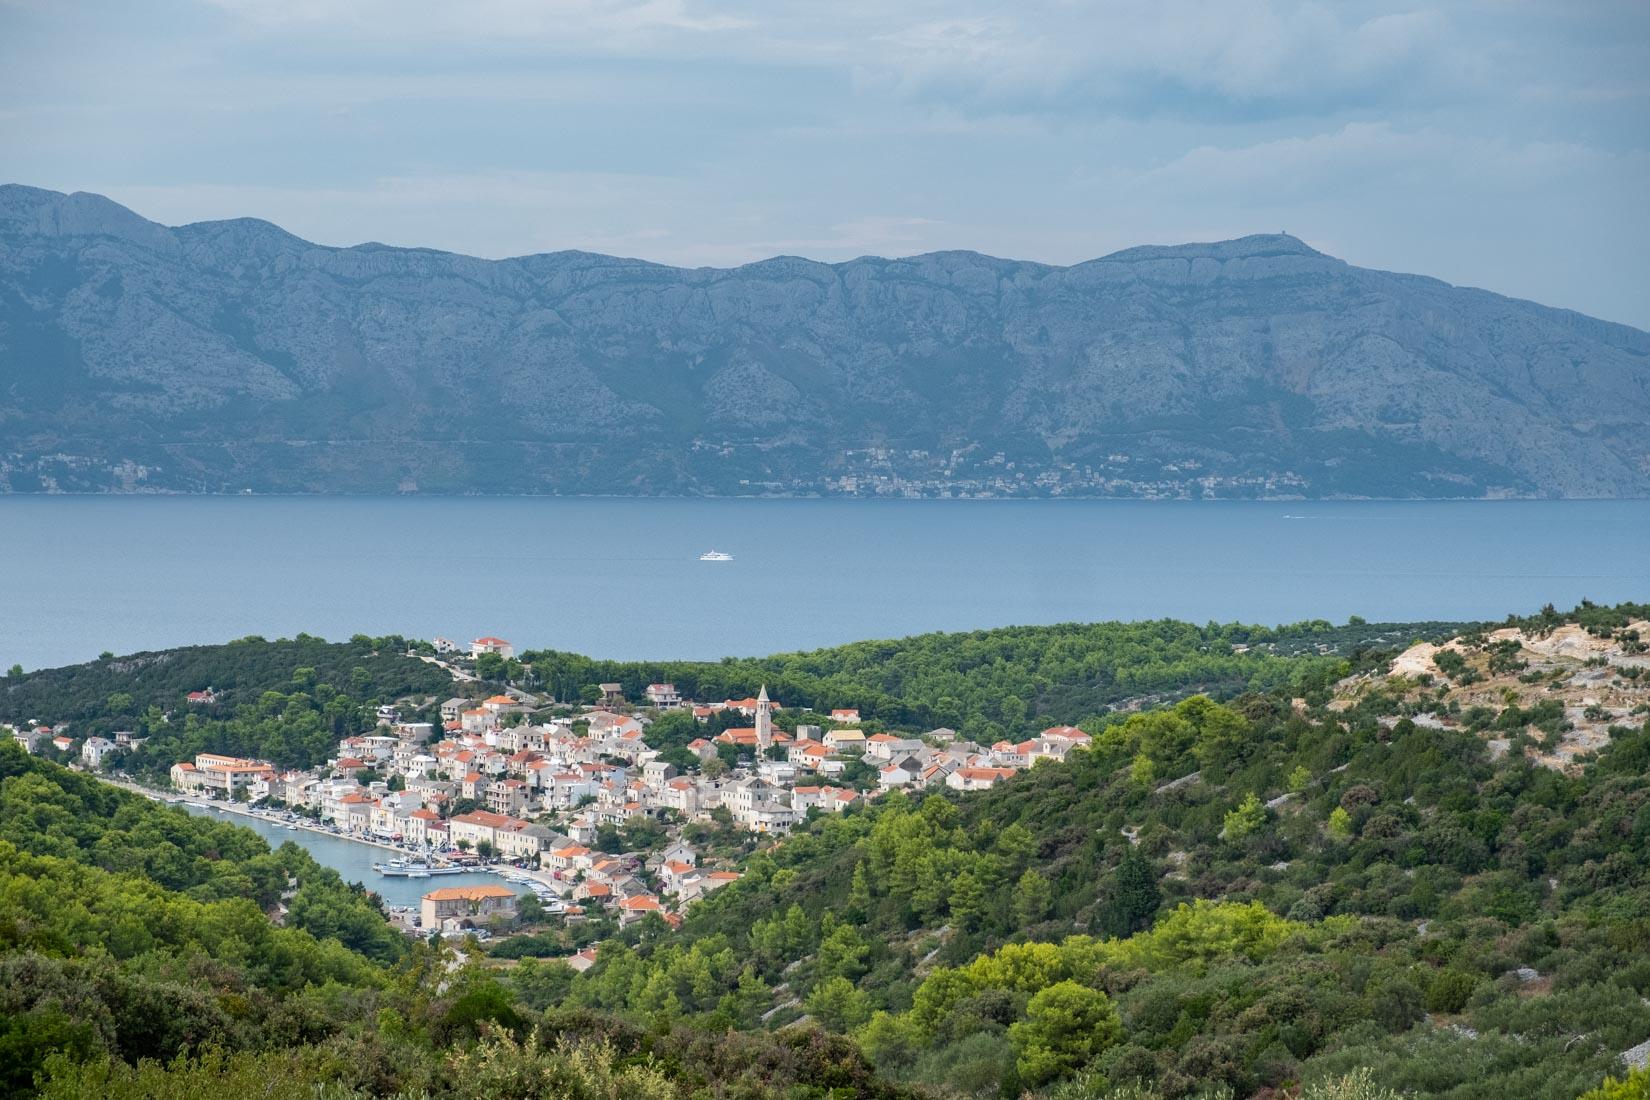 Hills of Brac Island, Croatia